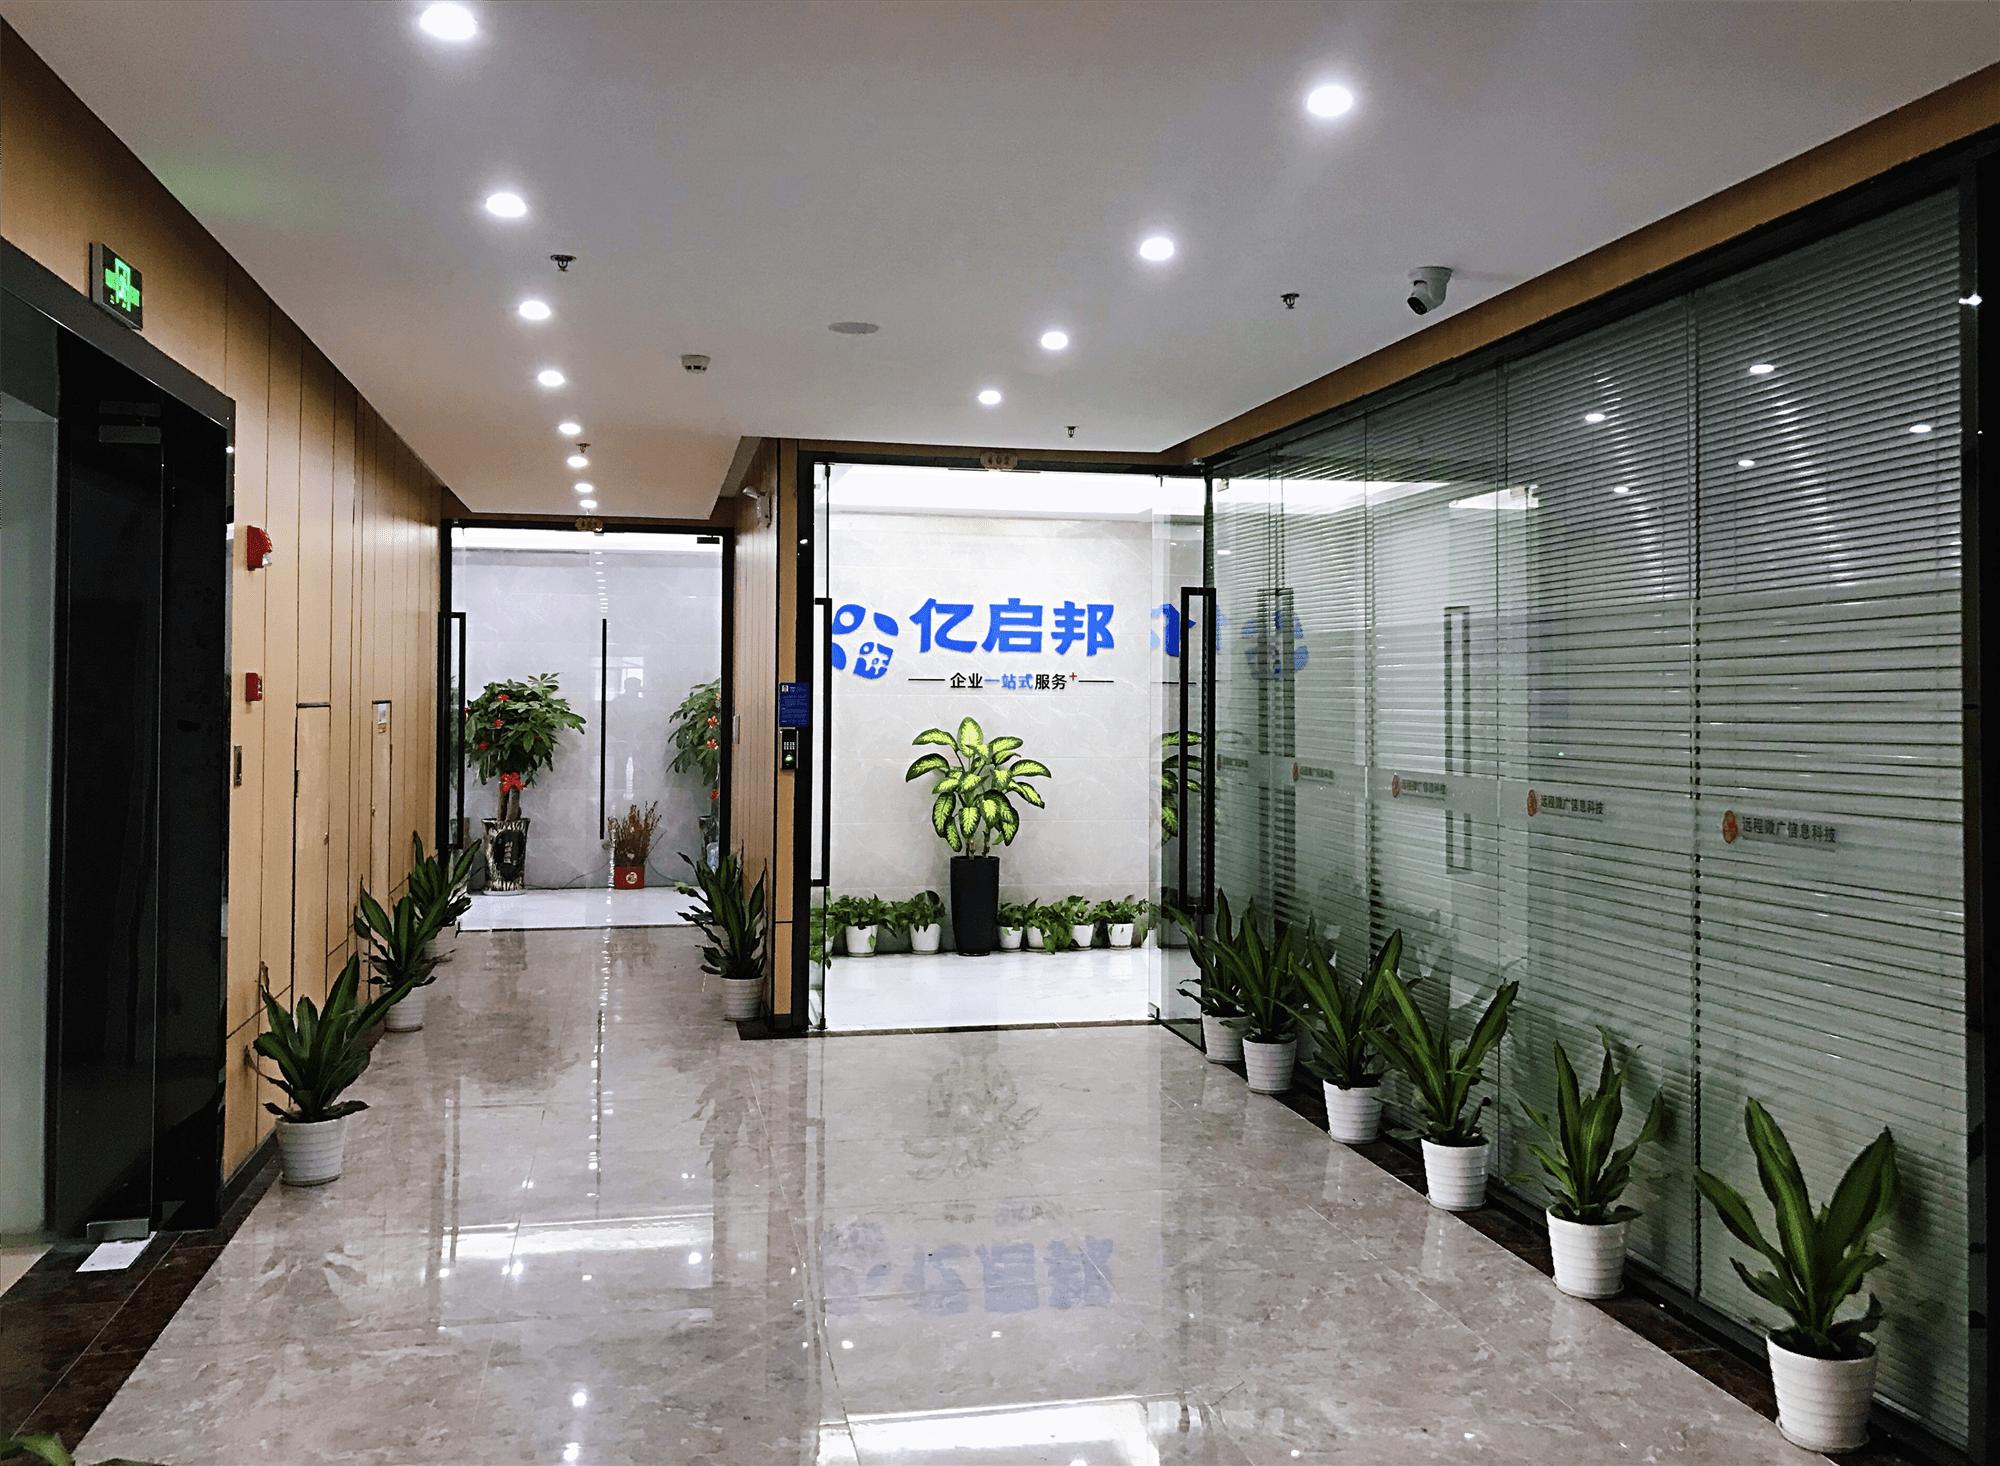 亿启邦传媒企业品牌形象提升一站式服务+平台服务商